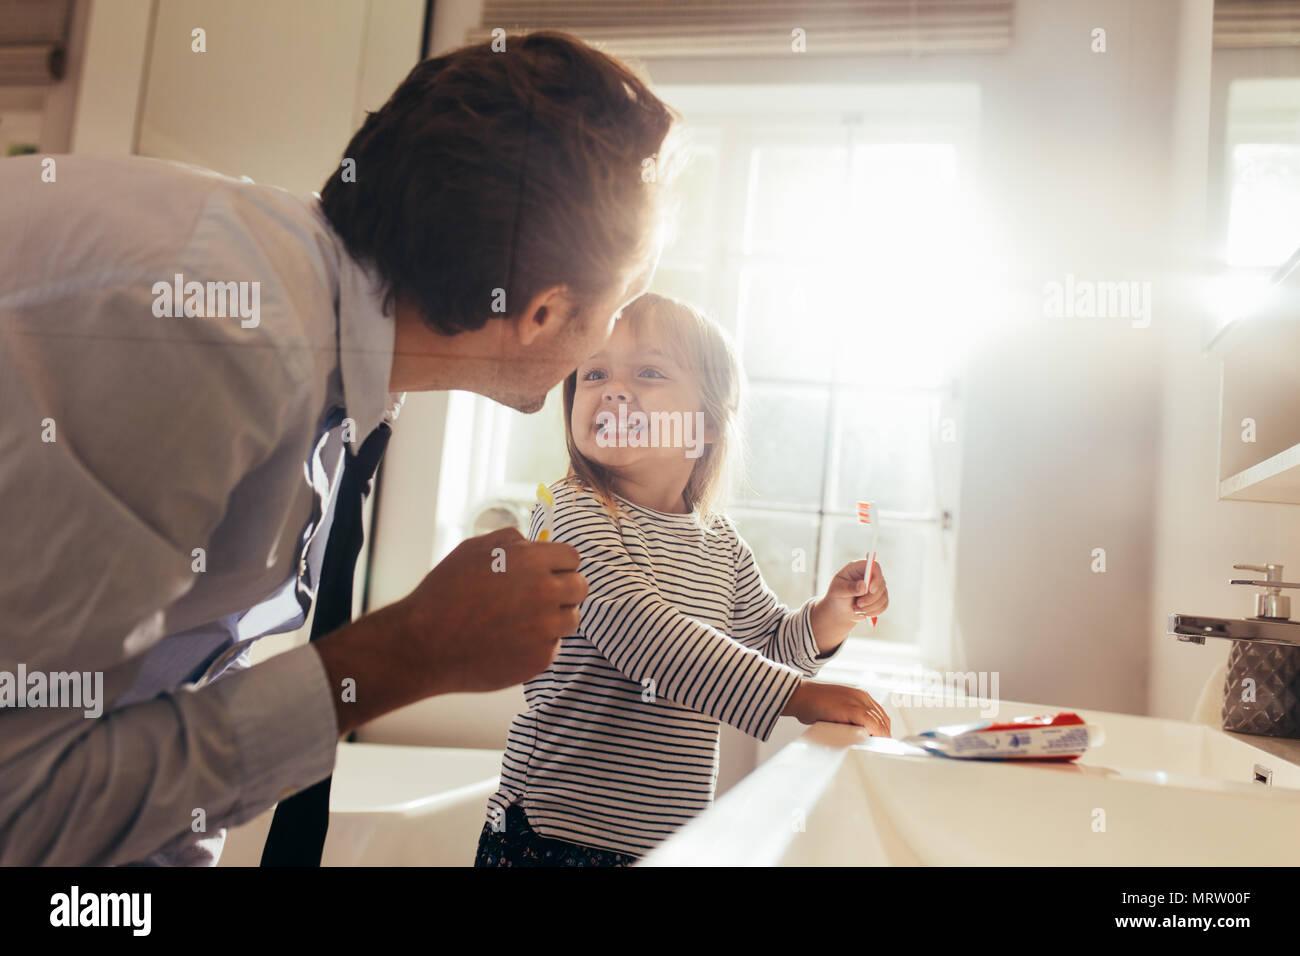 Padre e hija cepillarse los dientes de pie en el baño y mirando el uno al otro. El hombre enseñar a su hija cómo cepillarse los dientes. Imagen De Stock